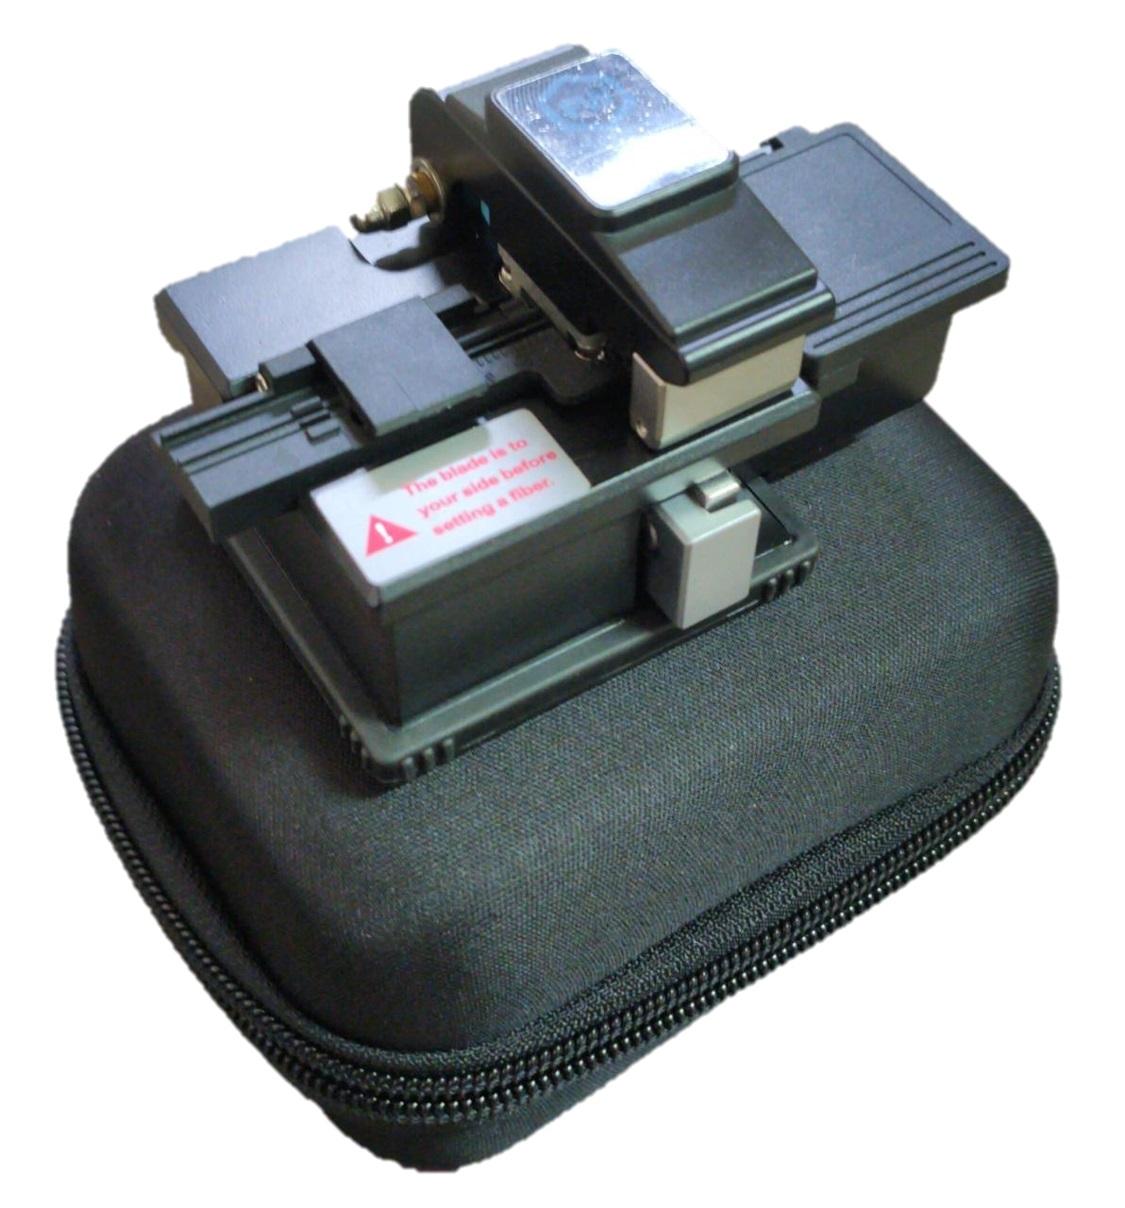 Clivador de Fibra Óptica FWFC-10               - FASTWIRELESS